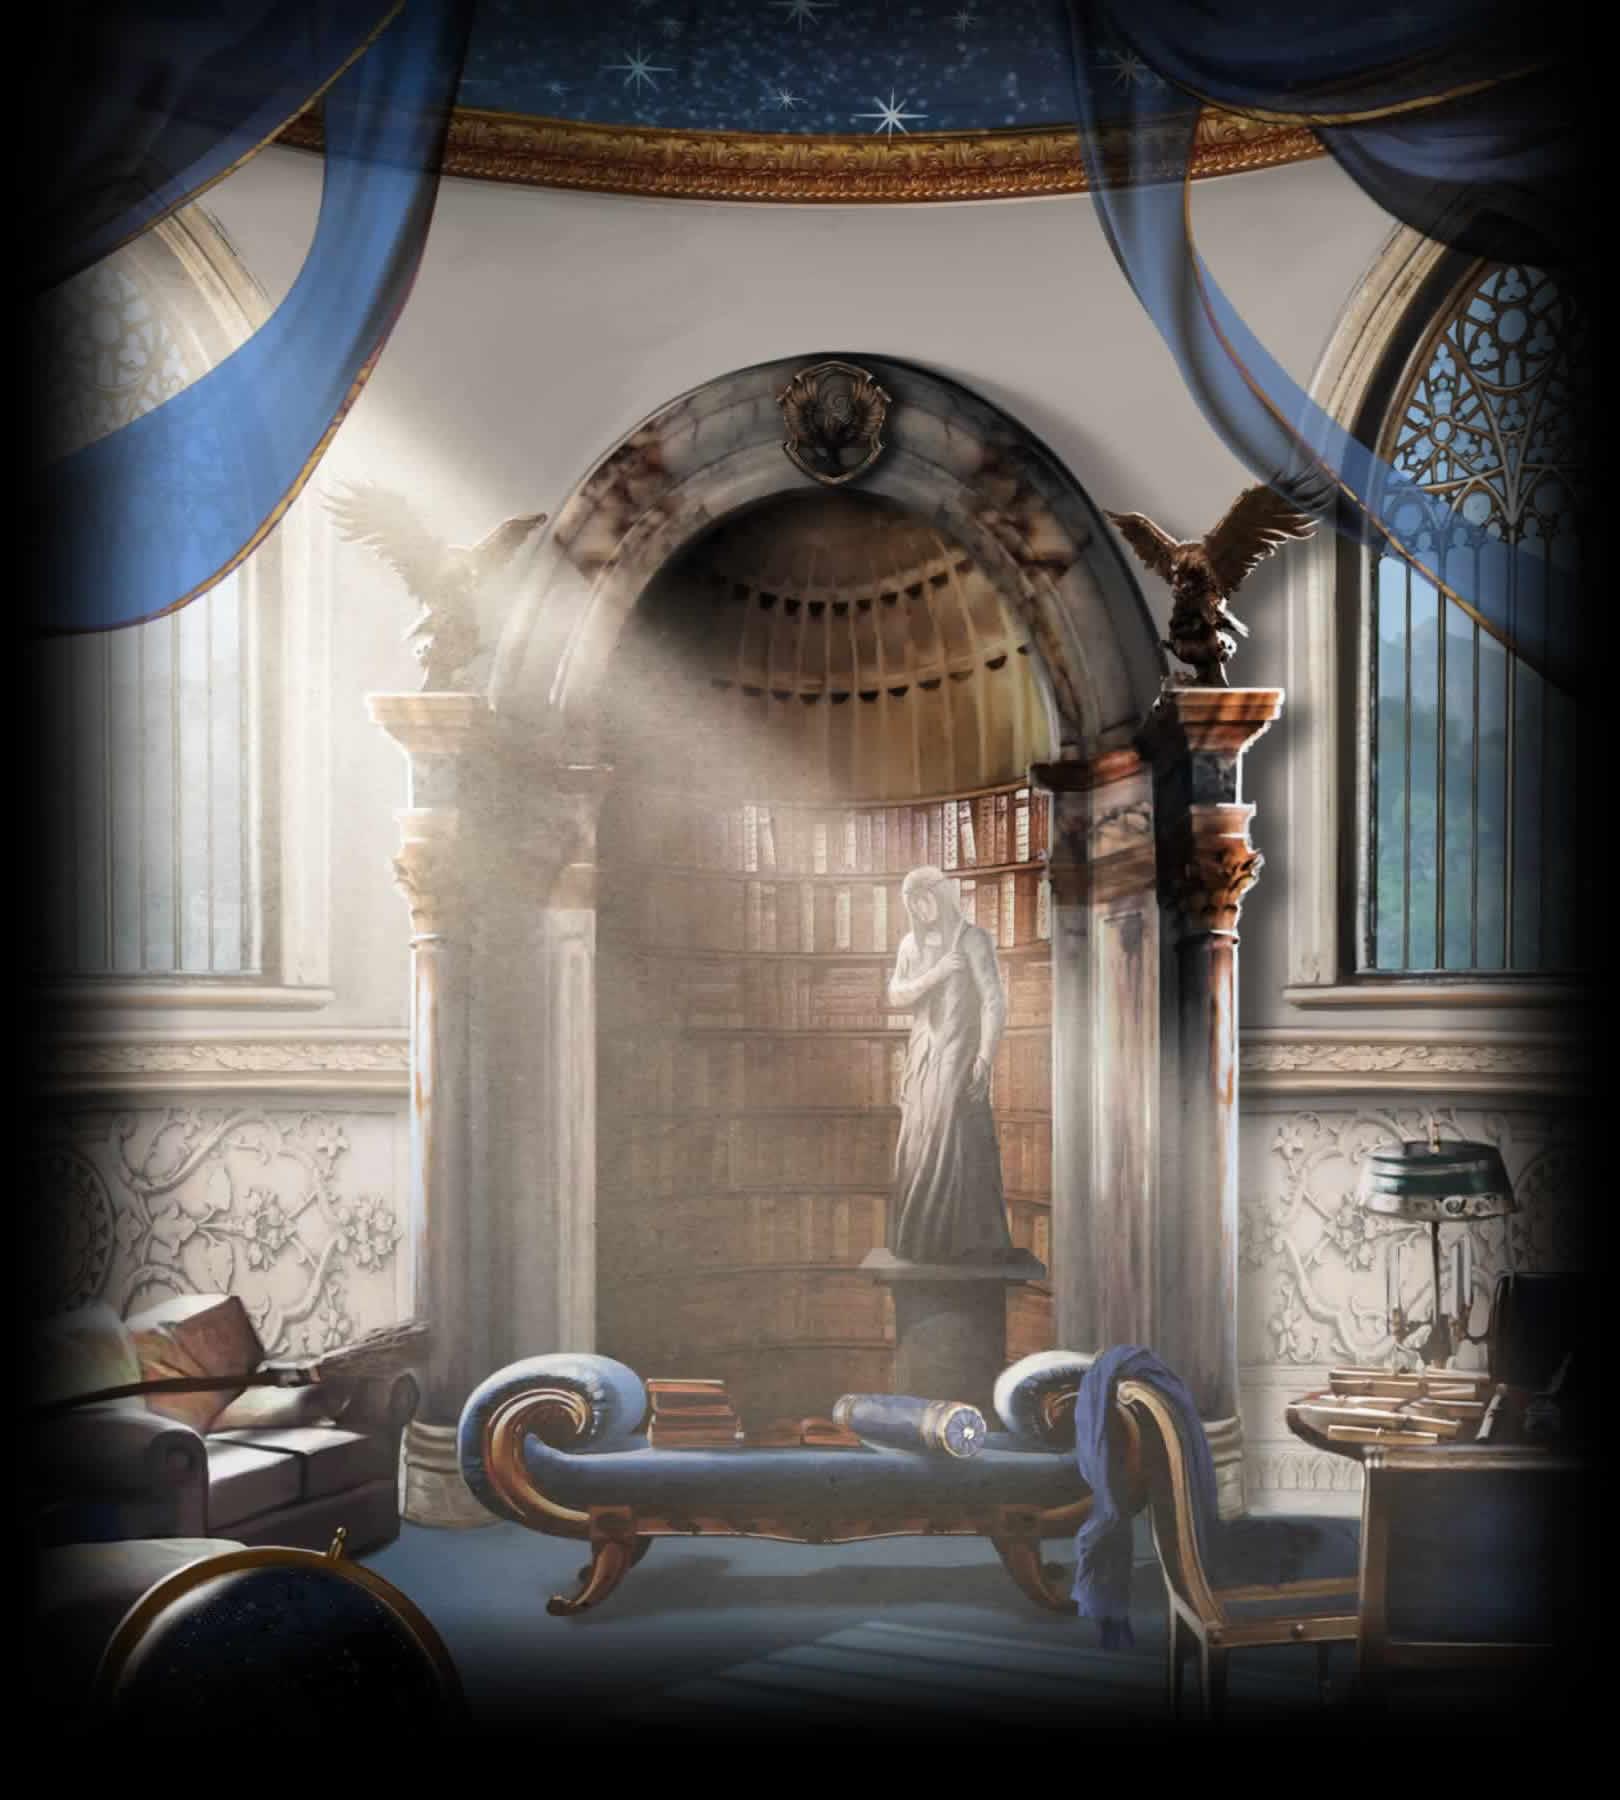 Good Wallpaper Harry Potter Pottermore - 37e7a716-0f95-4dbb-8207-9b3a837c97d5  2018_772450.png